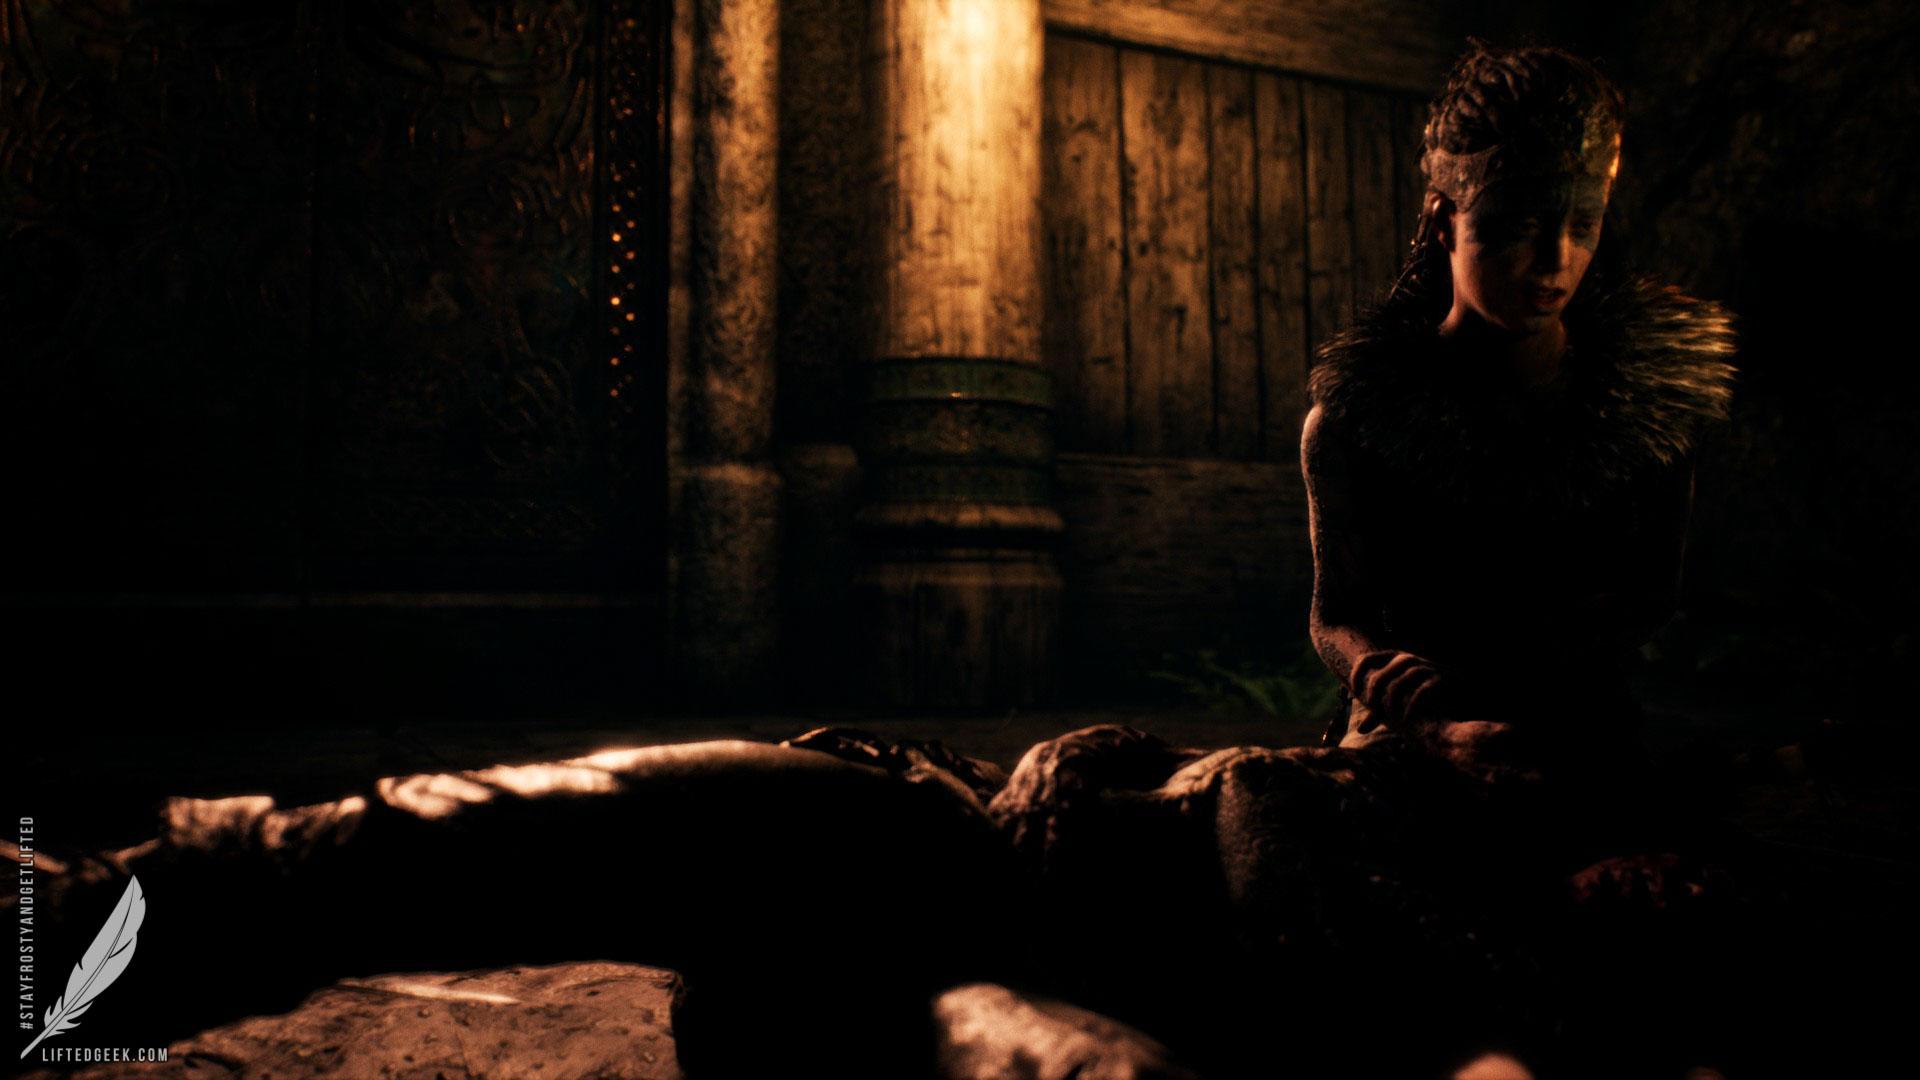 hellblade-senuas-sacrifice-14.jpg